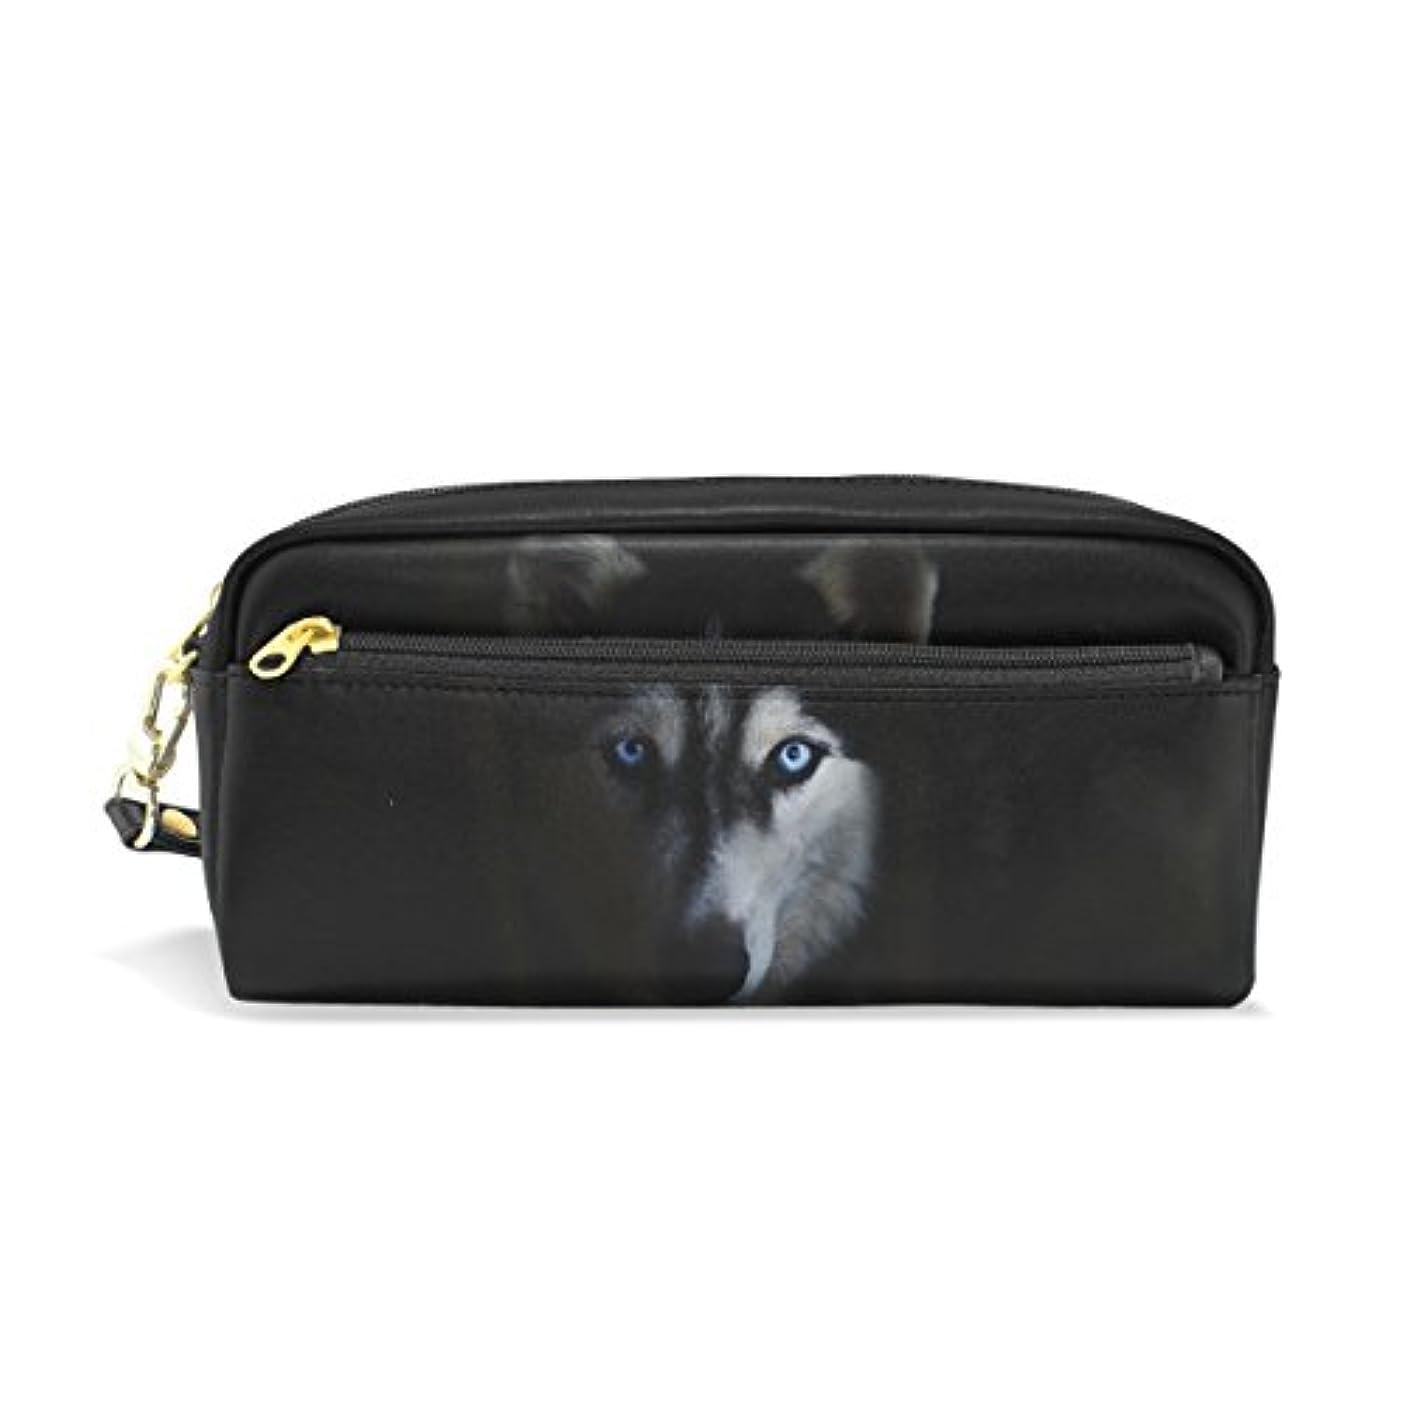 混合した再編成するしょっぱいAOMOKI ペンケース 化粧ポーチ 小物入り 多機能バッグ レディース ハスキー かっこいい 犬